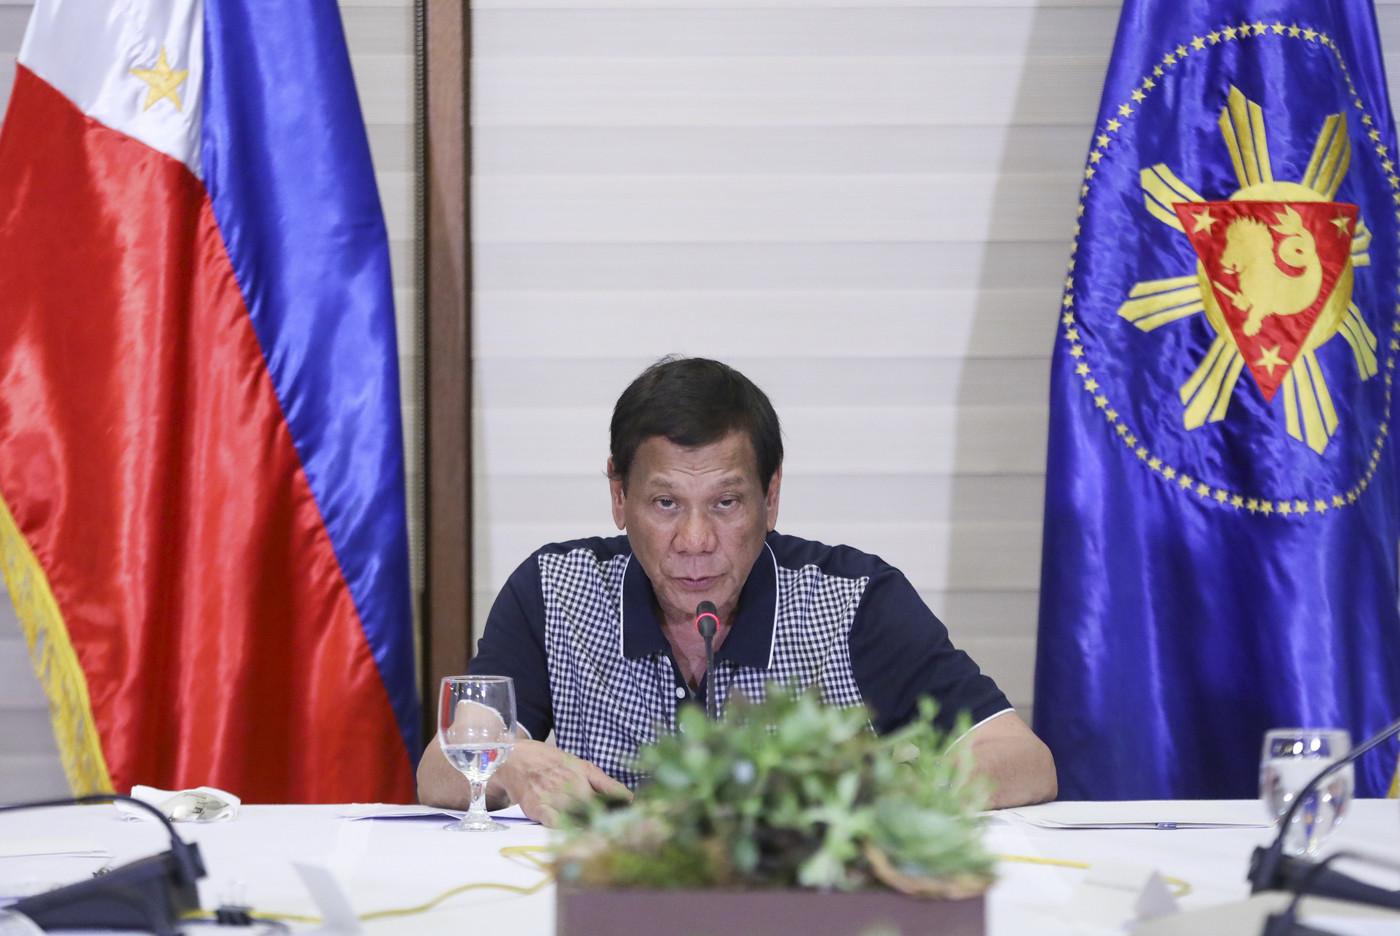 Filippine: il presidente Duterte si ritira dalla vita politica